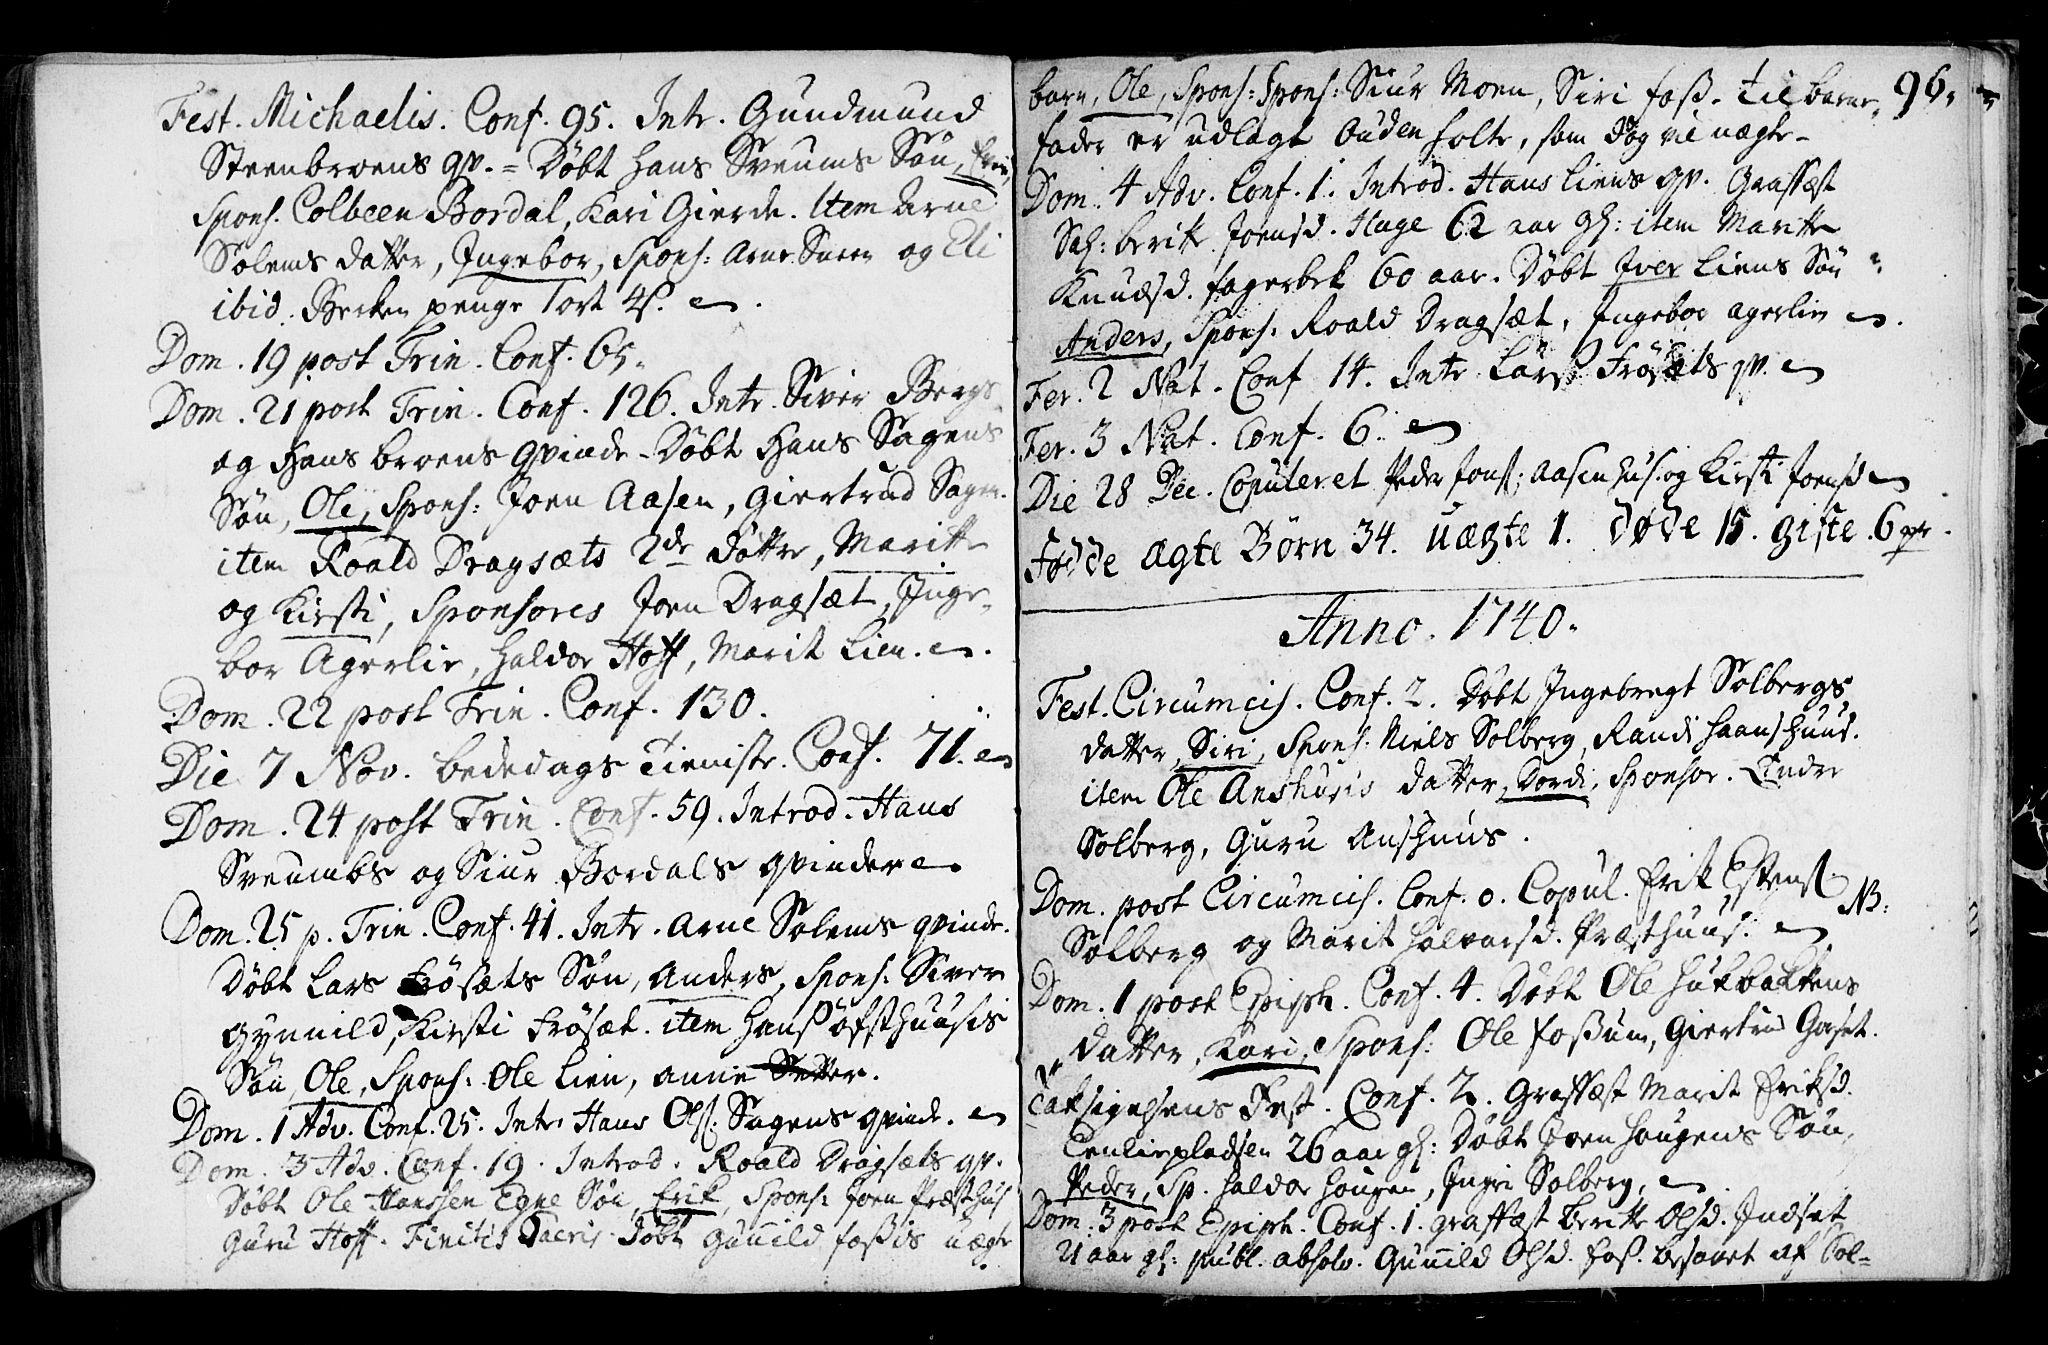 SAT, Ministerialprotokoller, klokkerbøker og fødselsregistre - Sør-Trøndelag, 689/L1036: Ministerialbok nr. 689A01, 1696-1746, s. 96